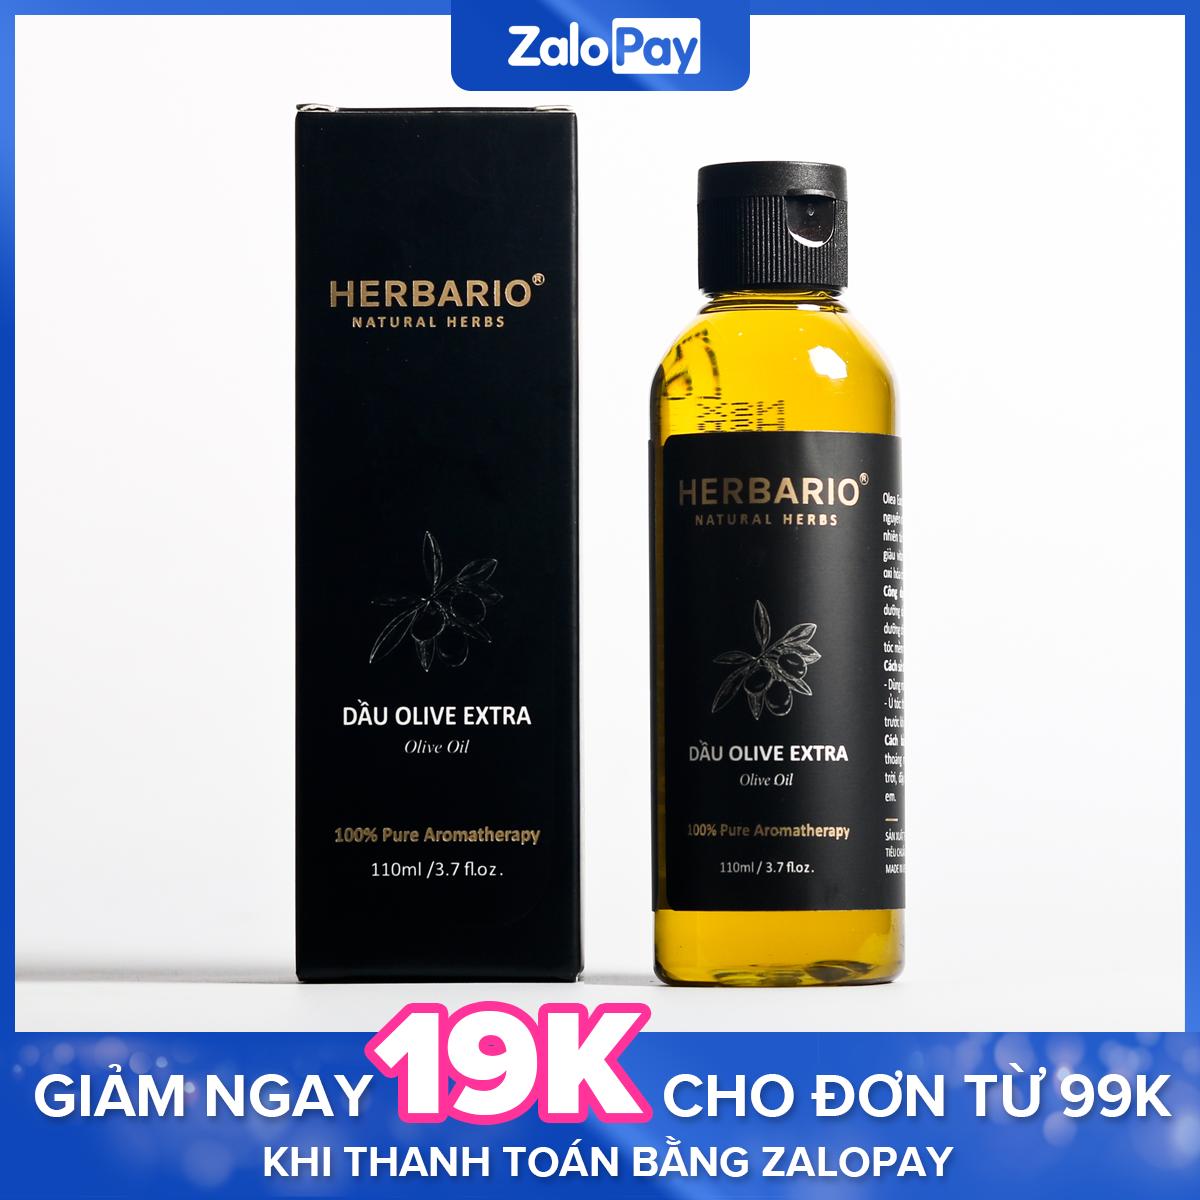 Dầu oliu (olive) làm đẹp Extra nguyên chất herbario 110ml giúp dưỡng da, dưỡng ẩm